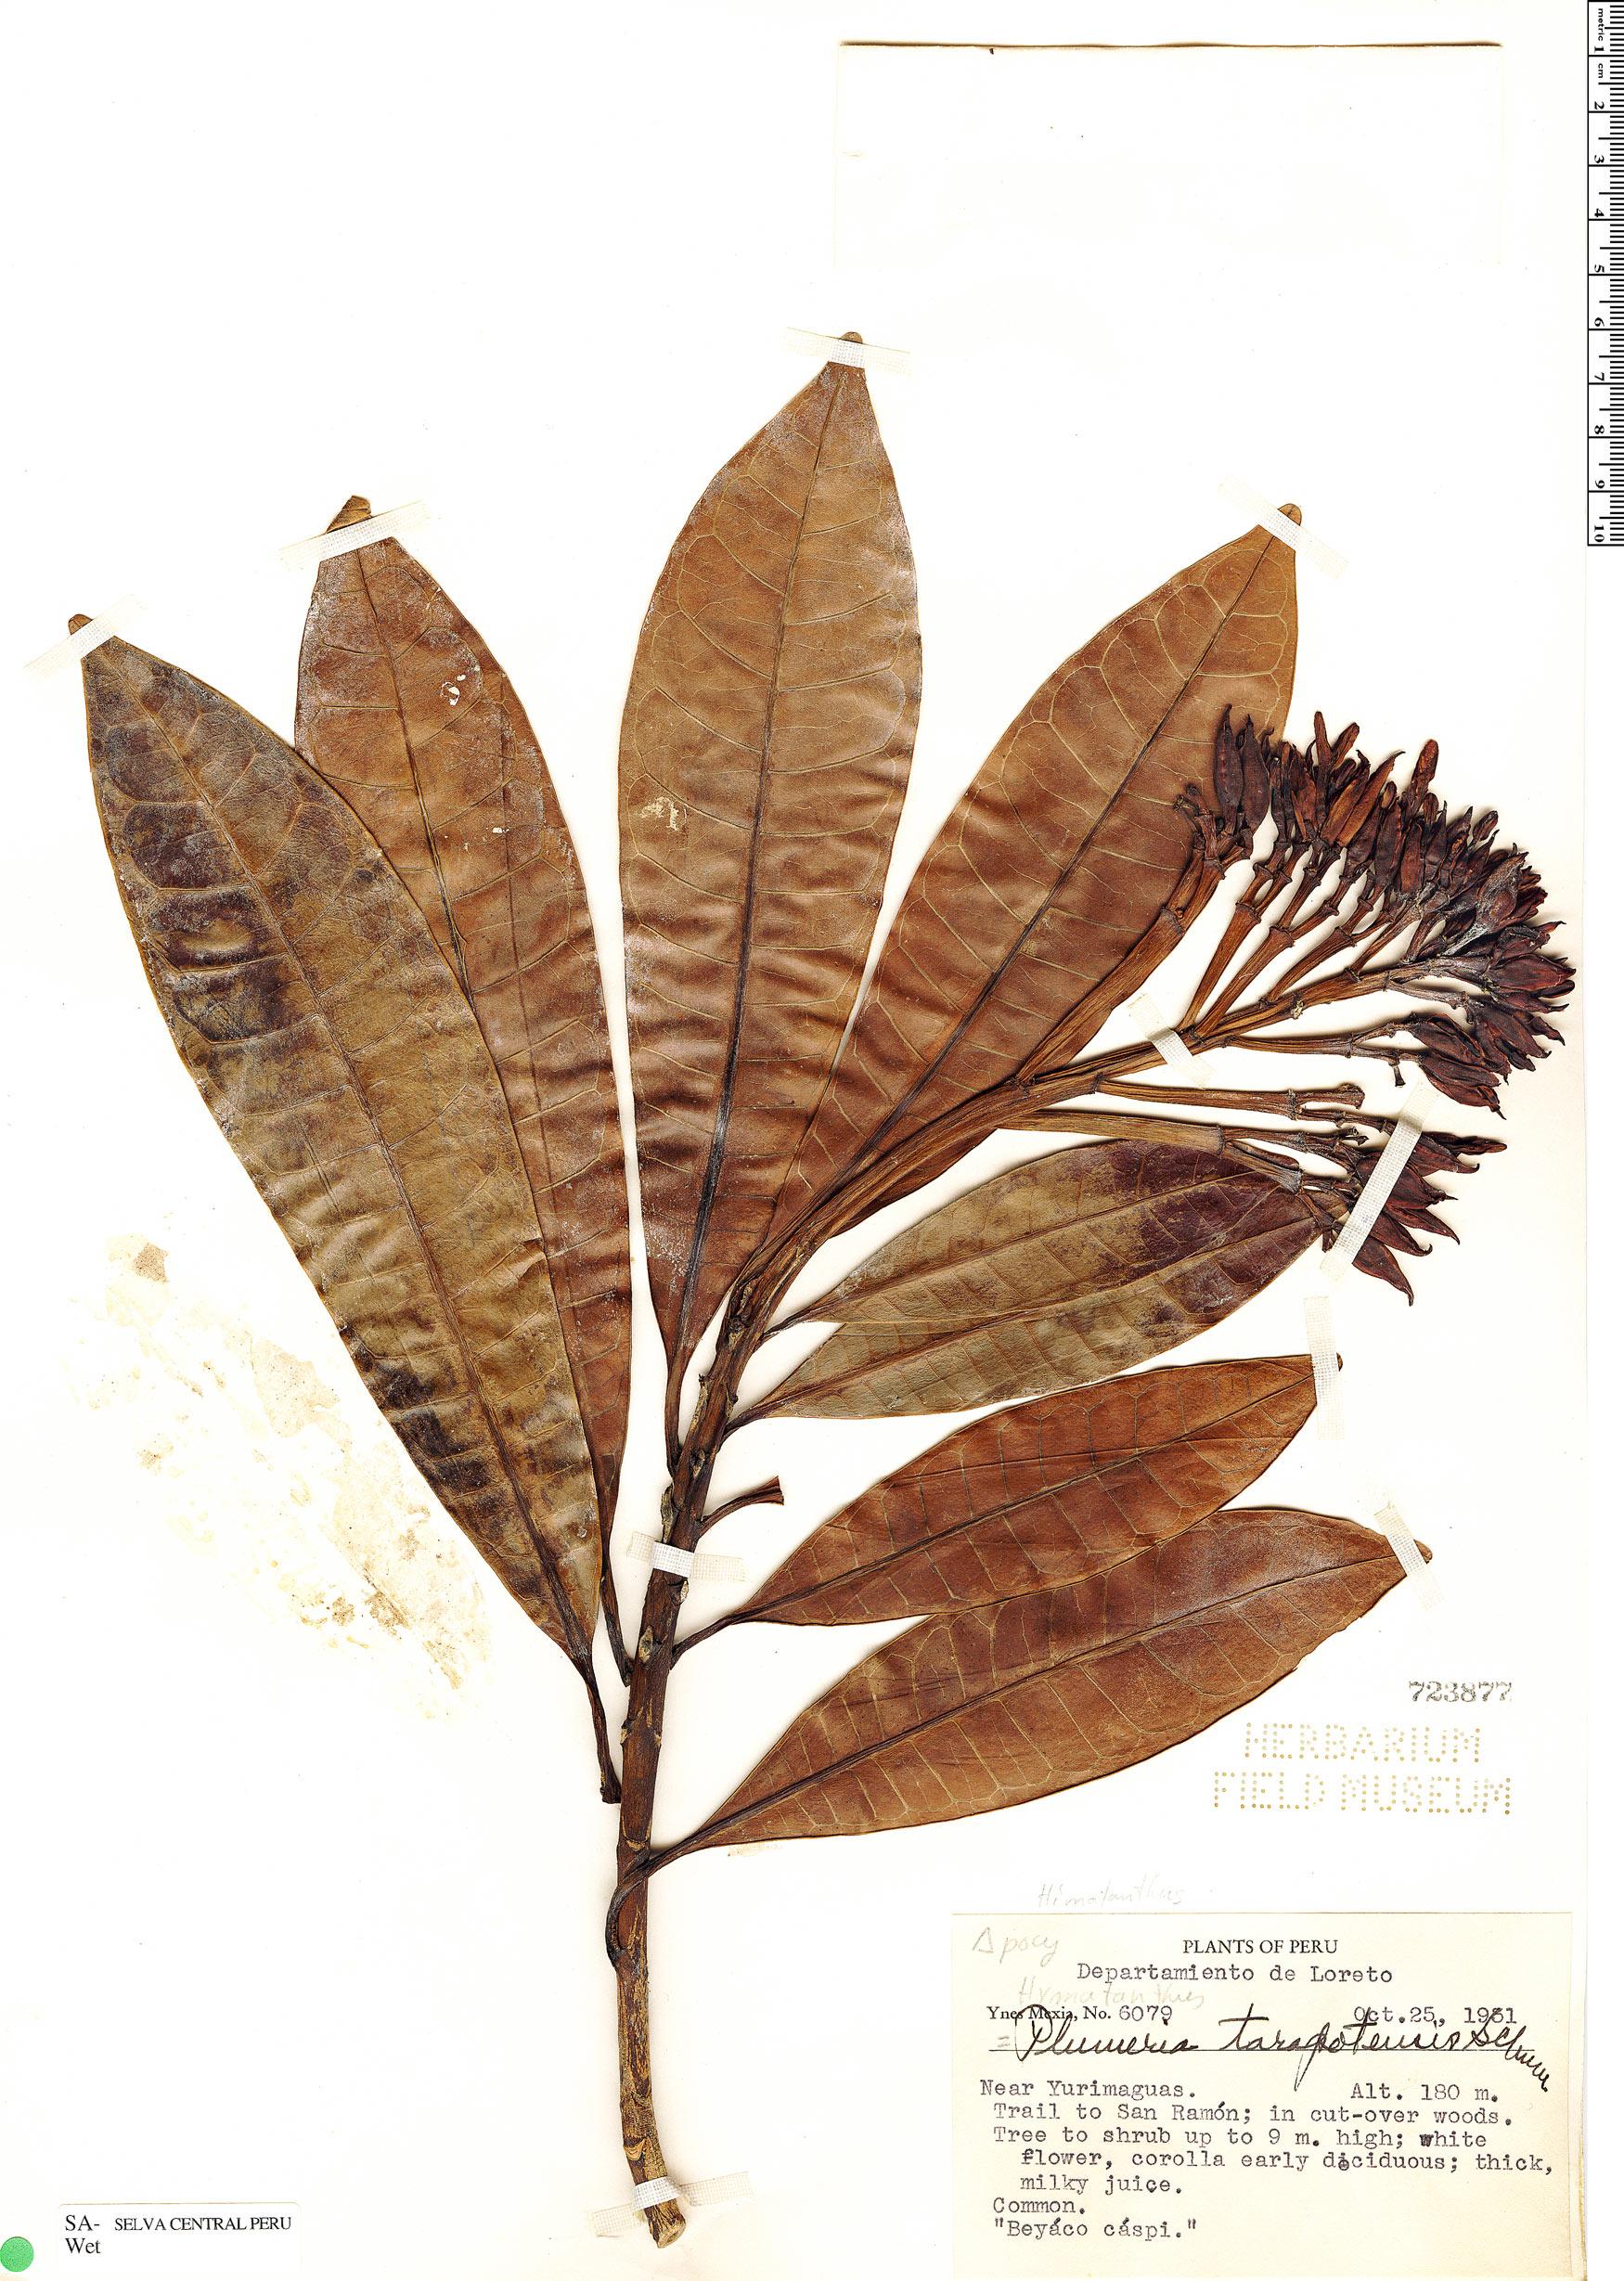 Specimen: Himatanthus tarapotensis